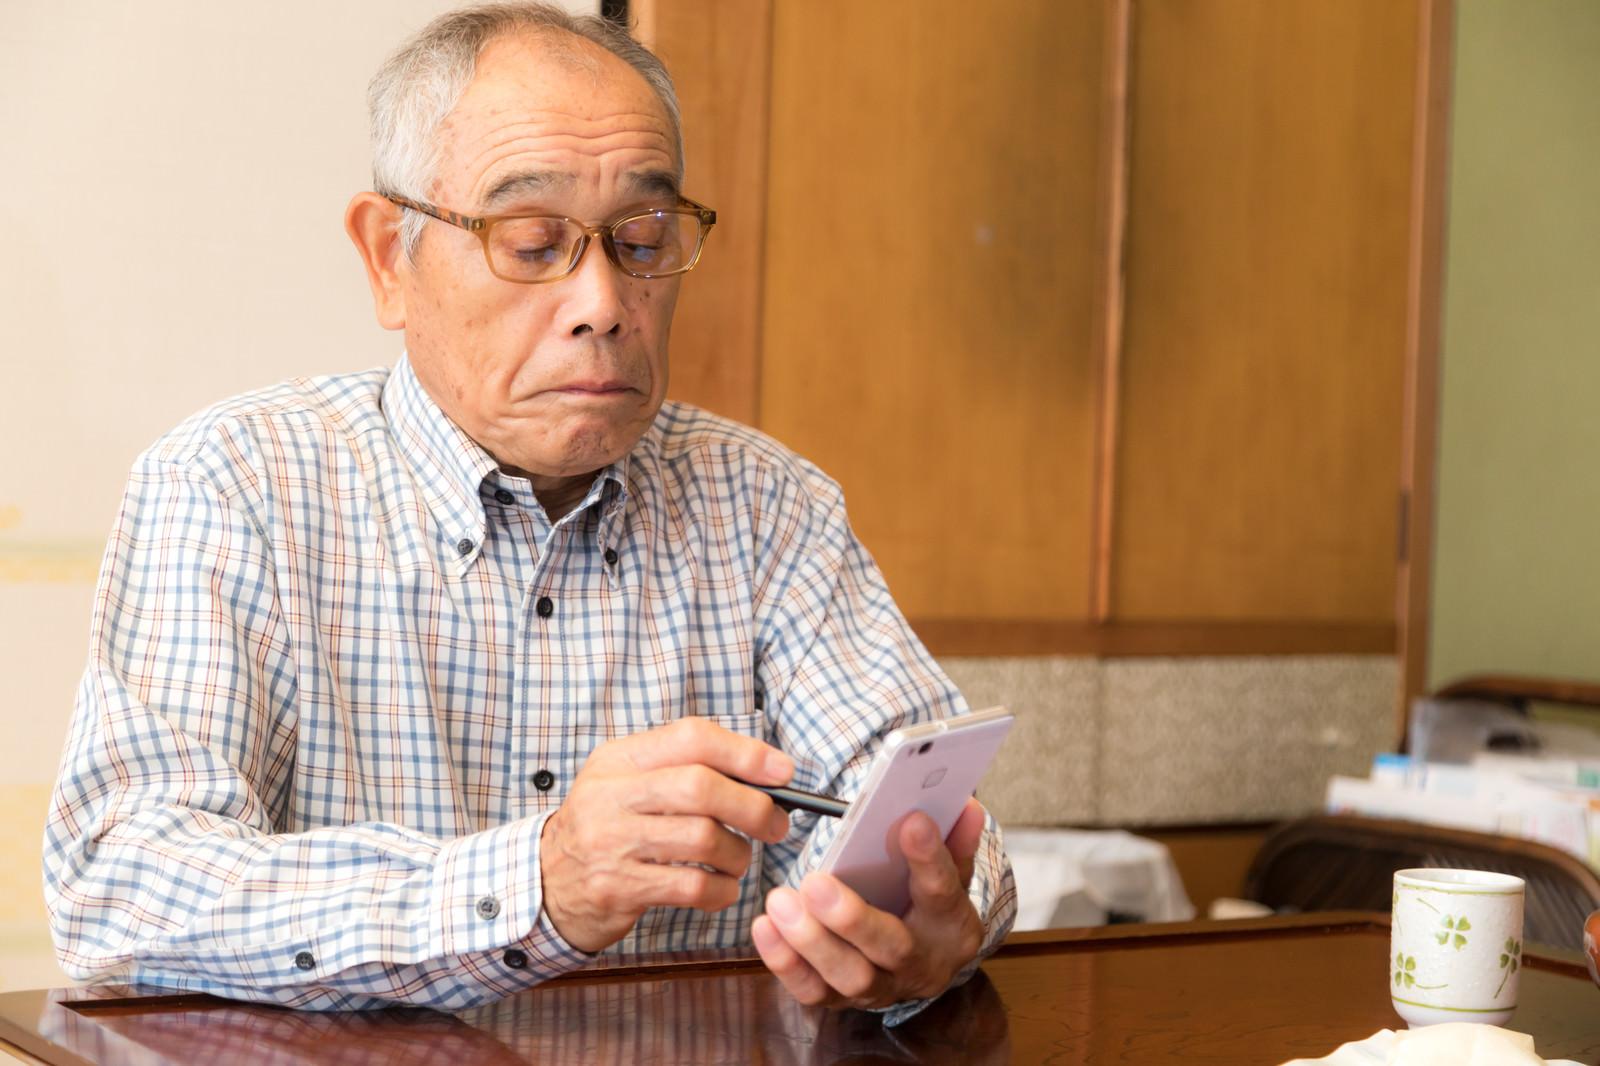 「慣れない手つきでスマホを弄る高齢のお爺さん | 写真の無料素材・フリー素材 - ぱくたそ」の写真[モデル:まーちゃん]